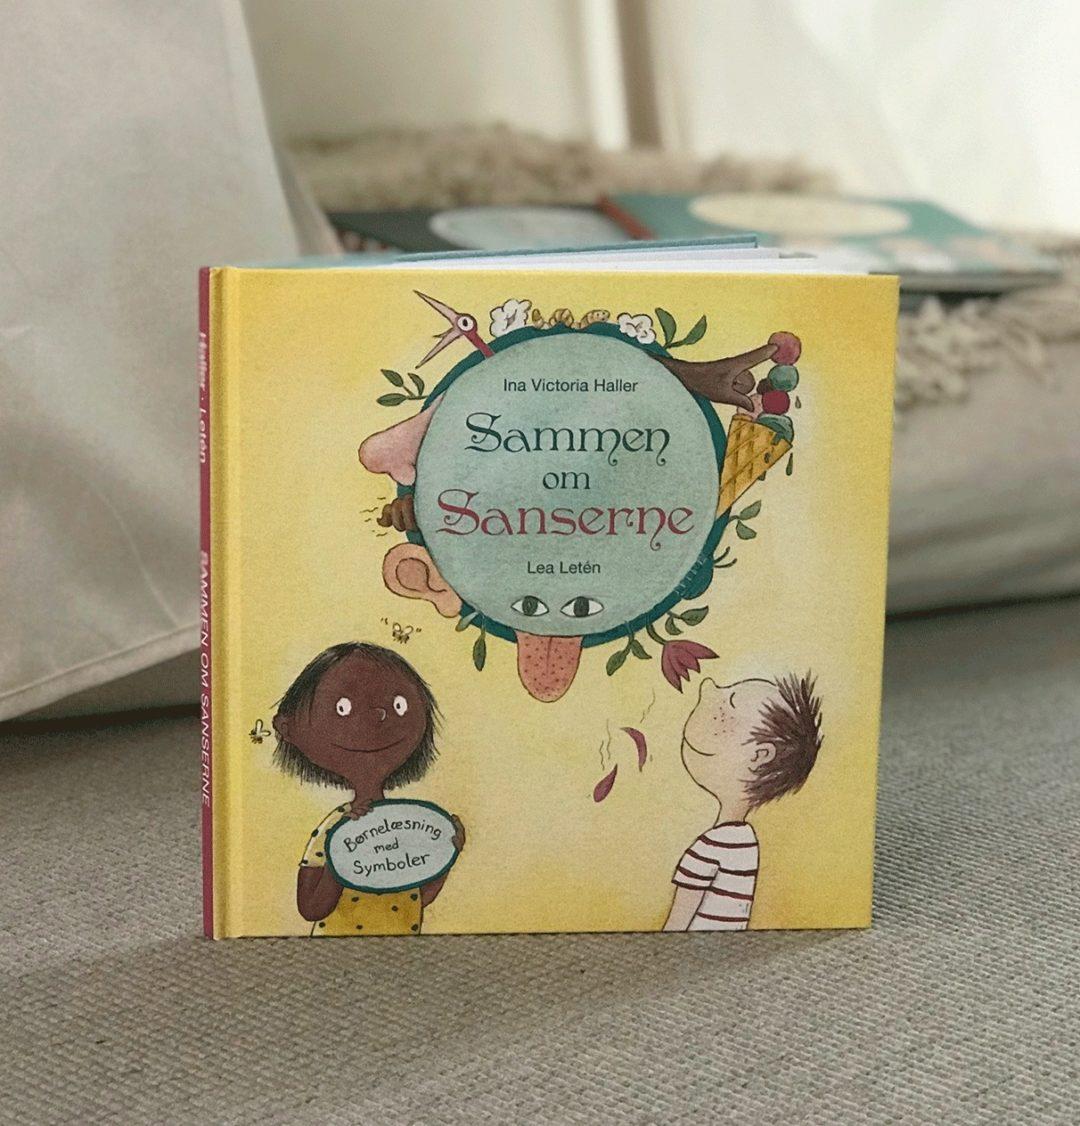 Sammen om sanserne er en bog med barnet som læse pilot. Gennem bogen er temaet vores sanser og i teksten er der billedesymboler og stor tekst, der hjælper barnet med at læse historien. Der er også støttende dialog bokser, så der kan praksiseres dialogisk læsning